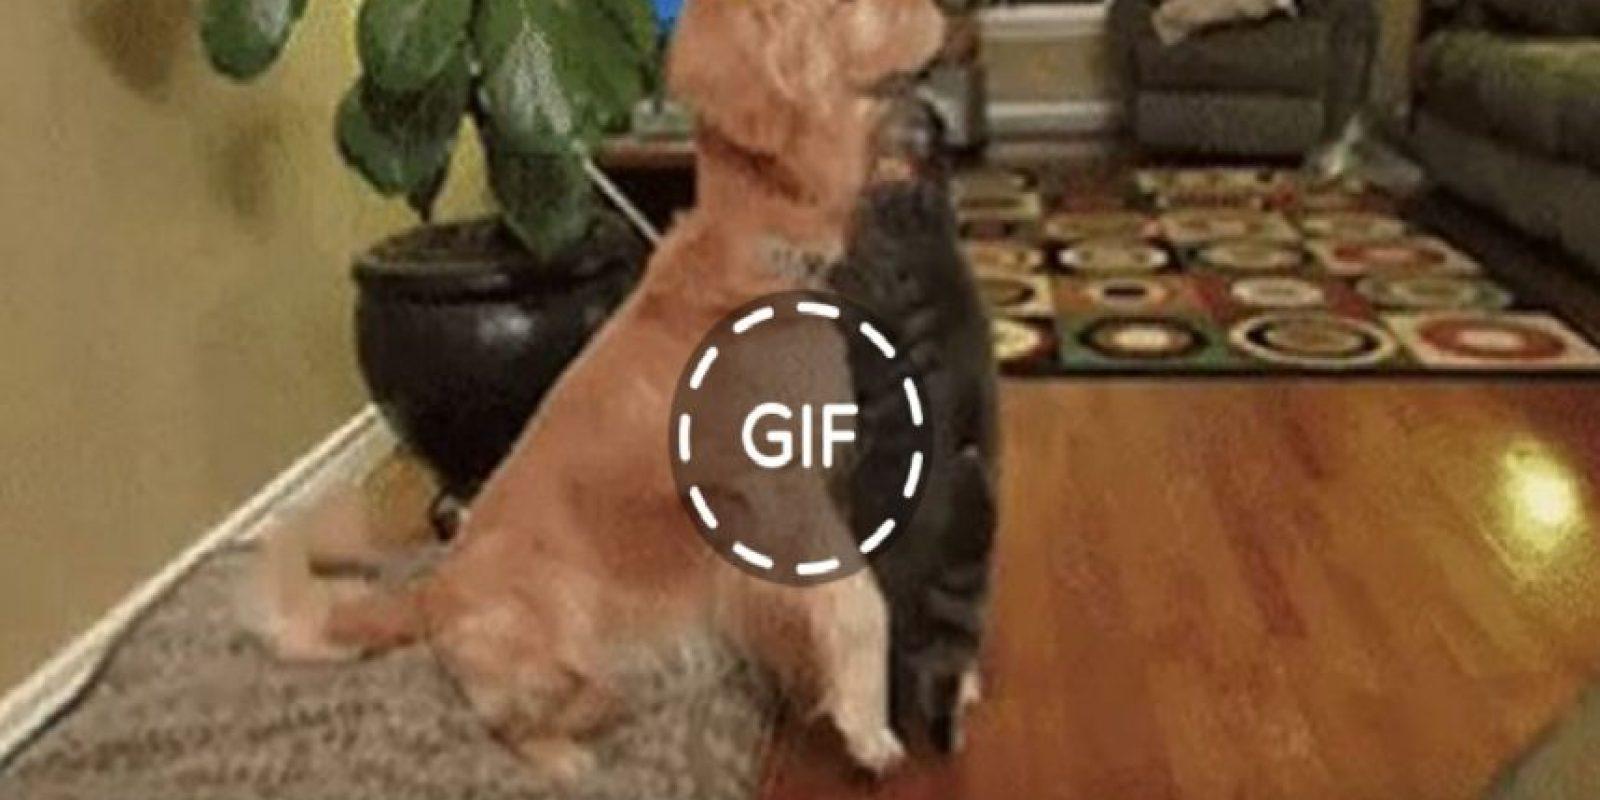 Los GIFs son muy populares hoy en día. Foto:Facebook